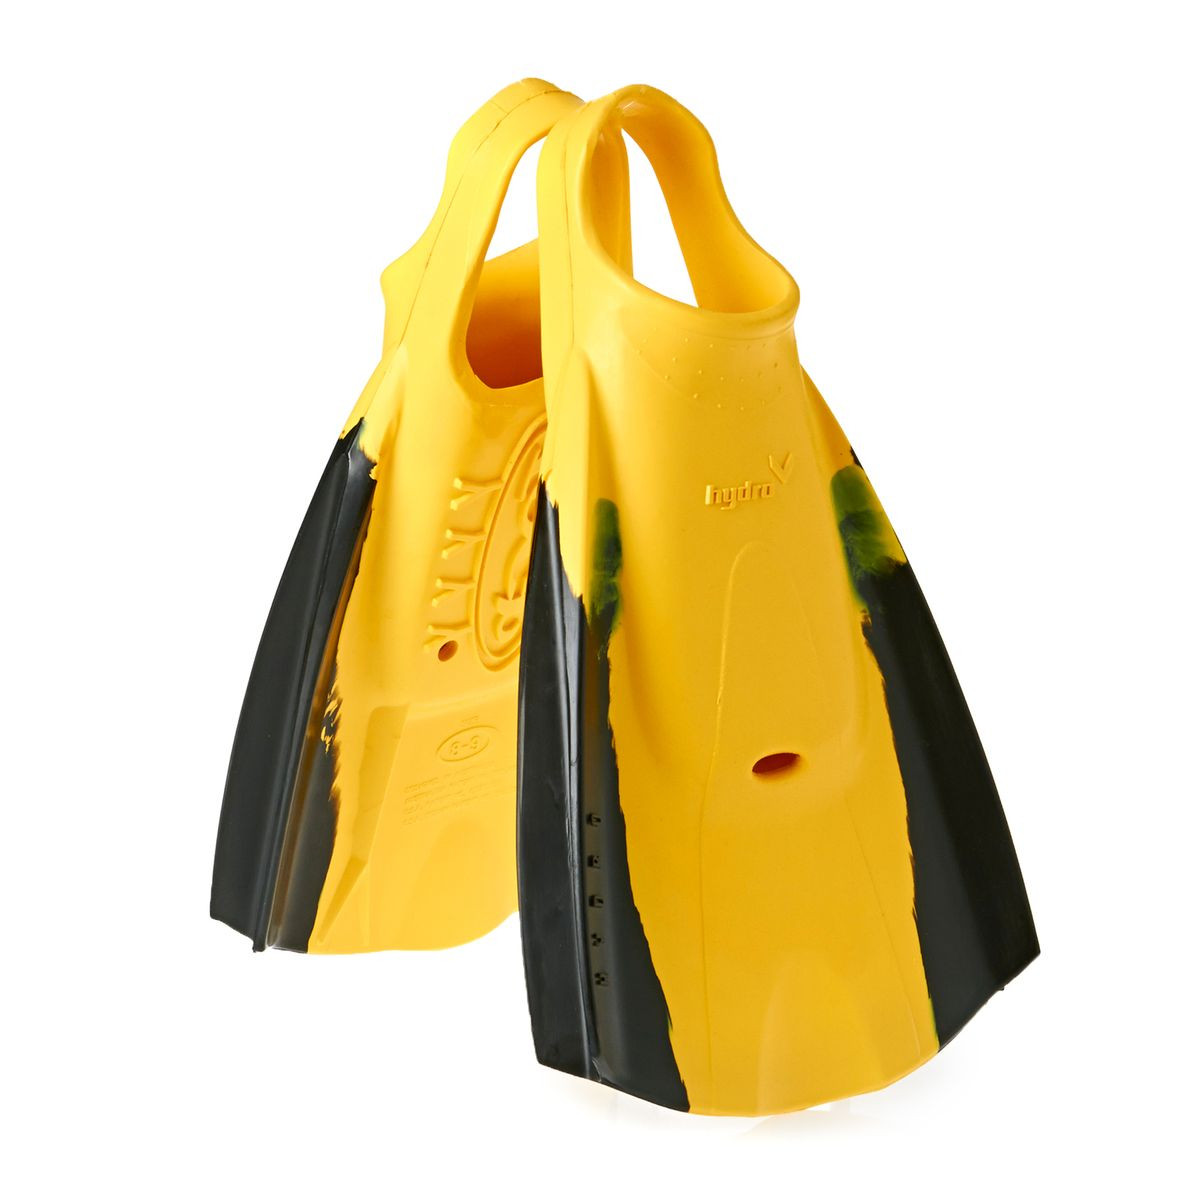 Hydro Tech Fin - Black/ Yellow